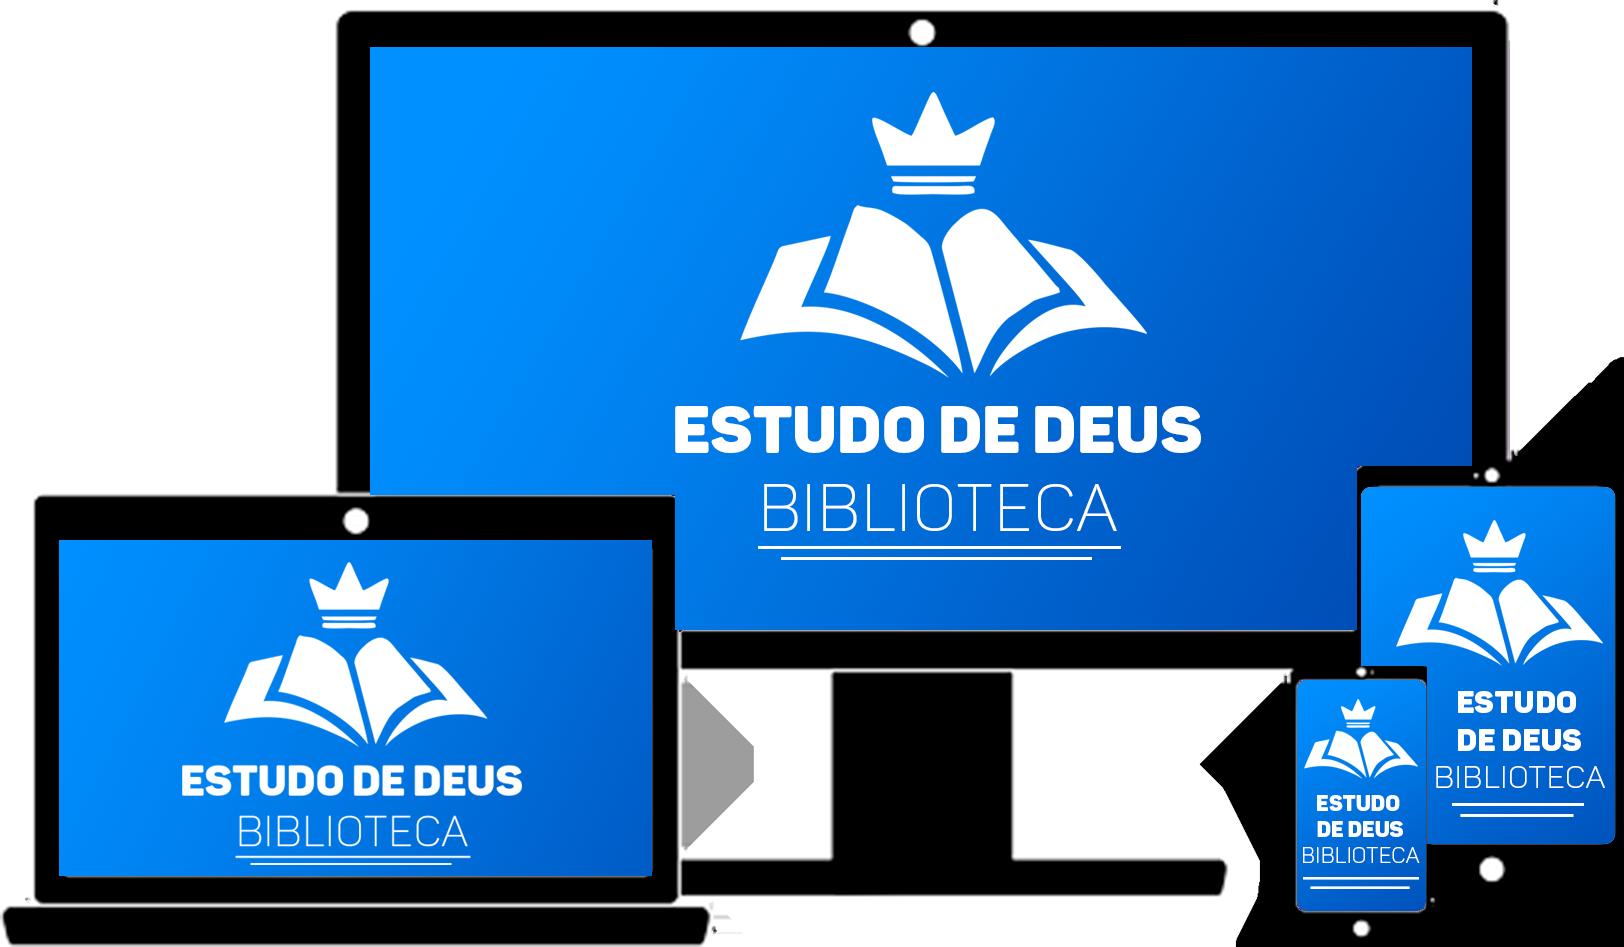 Biblioteca Estudo de Deus